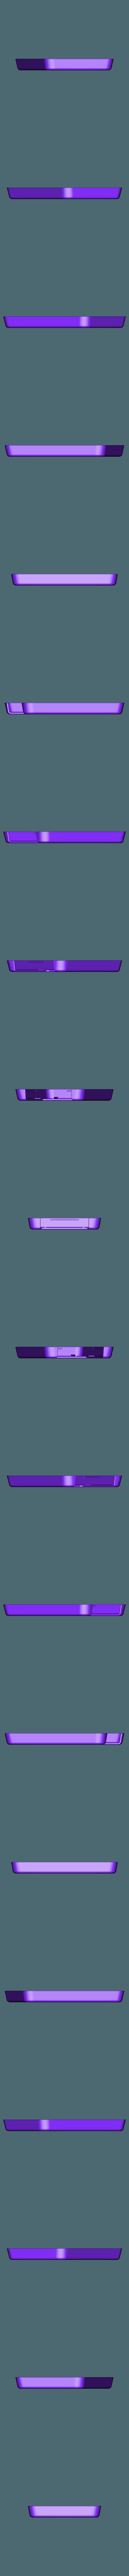 mymod.stl Télécharger fichier STL gratuit MON MO - faire un vœu et économiser de l'argent pour le réaliser. • Design pour impression 3D, CKLab